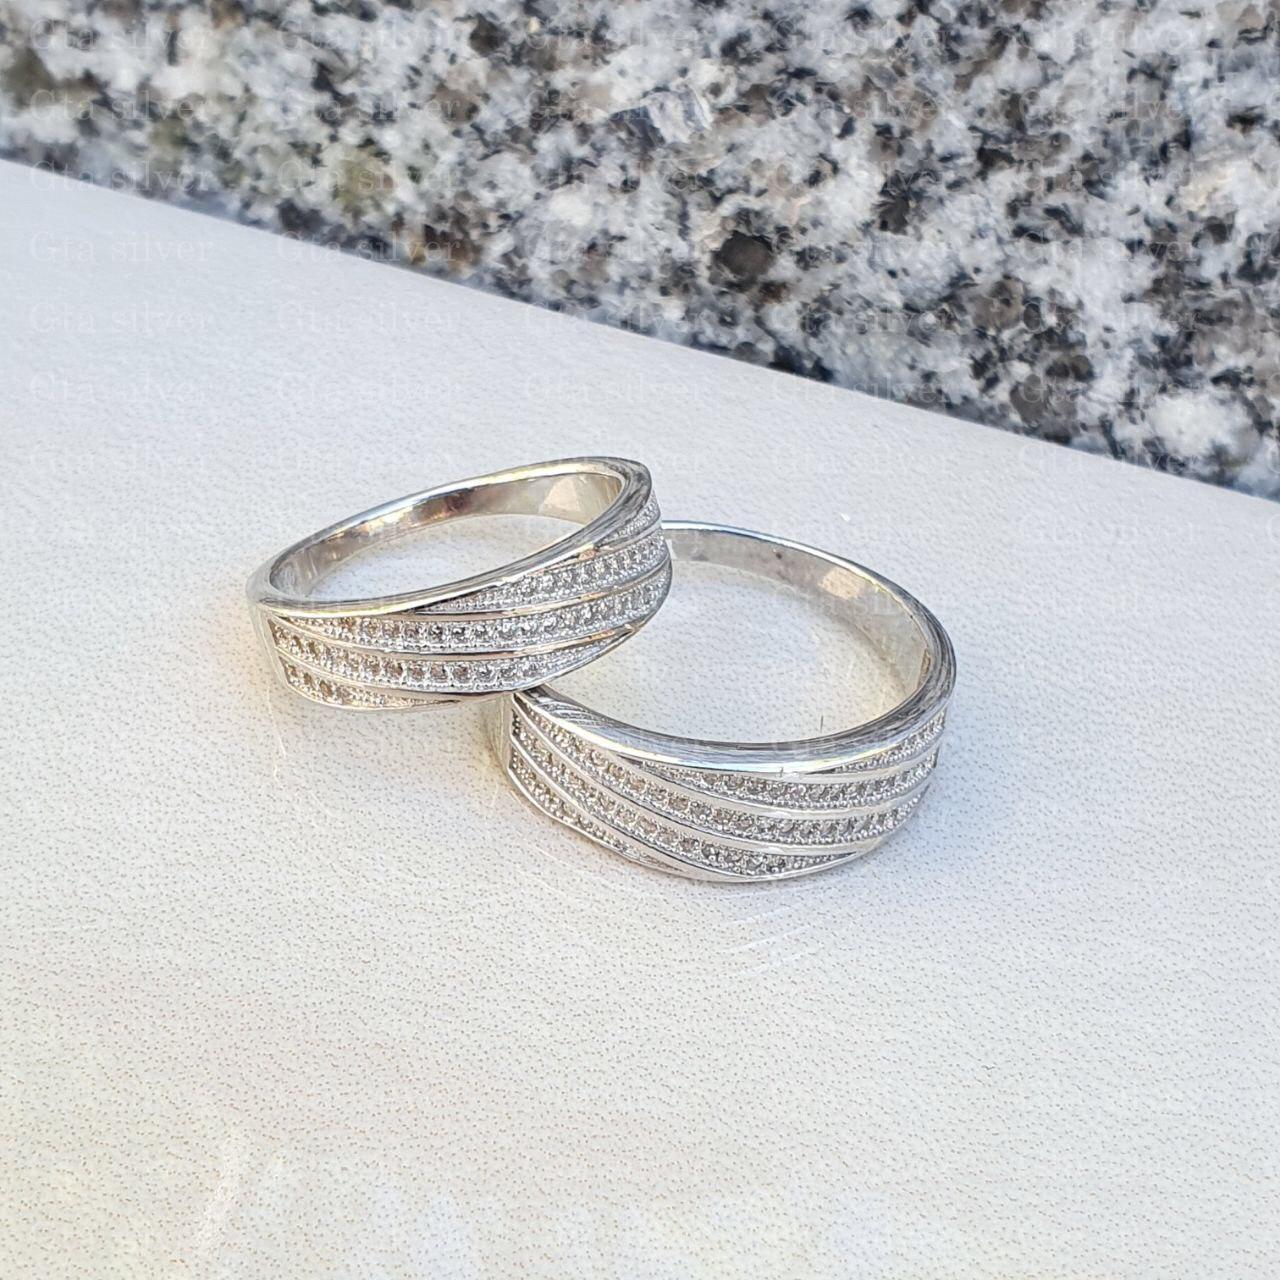 ست حلقه ازدواج وزن 7.5 گرم مدل 4